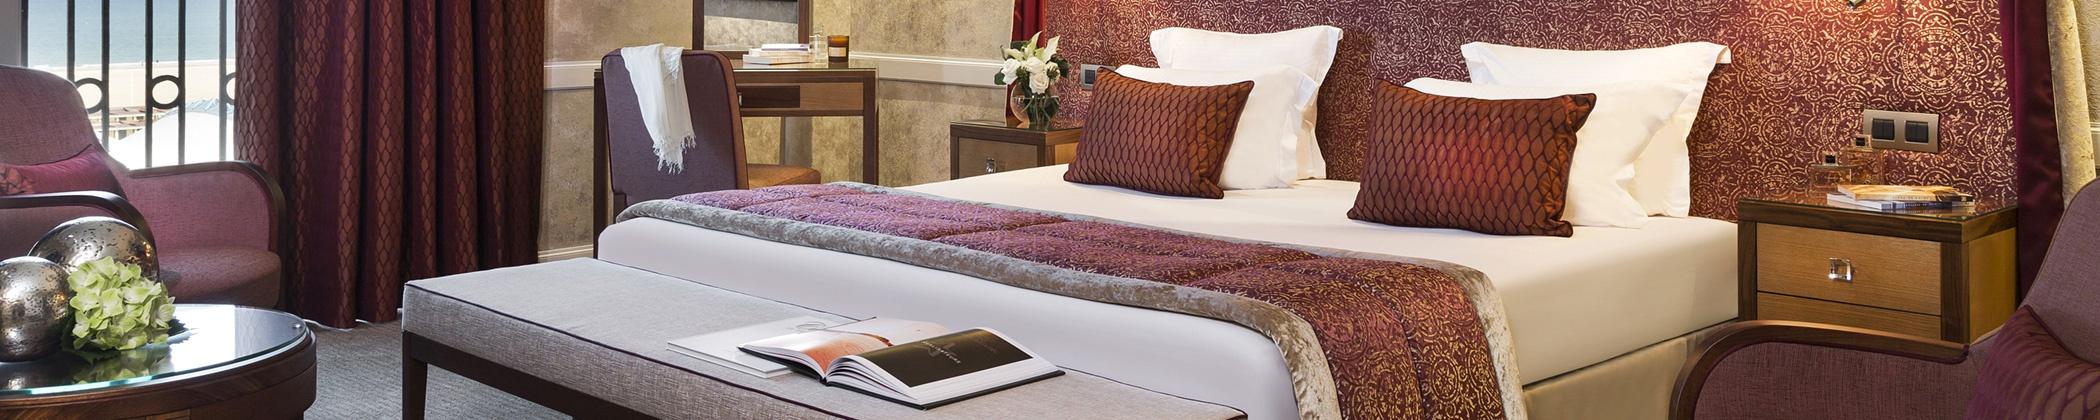 Barrière hotel Le Royal Deauville chambre